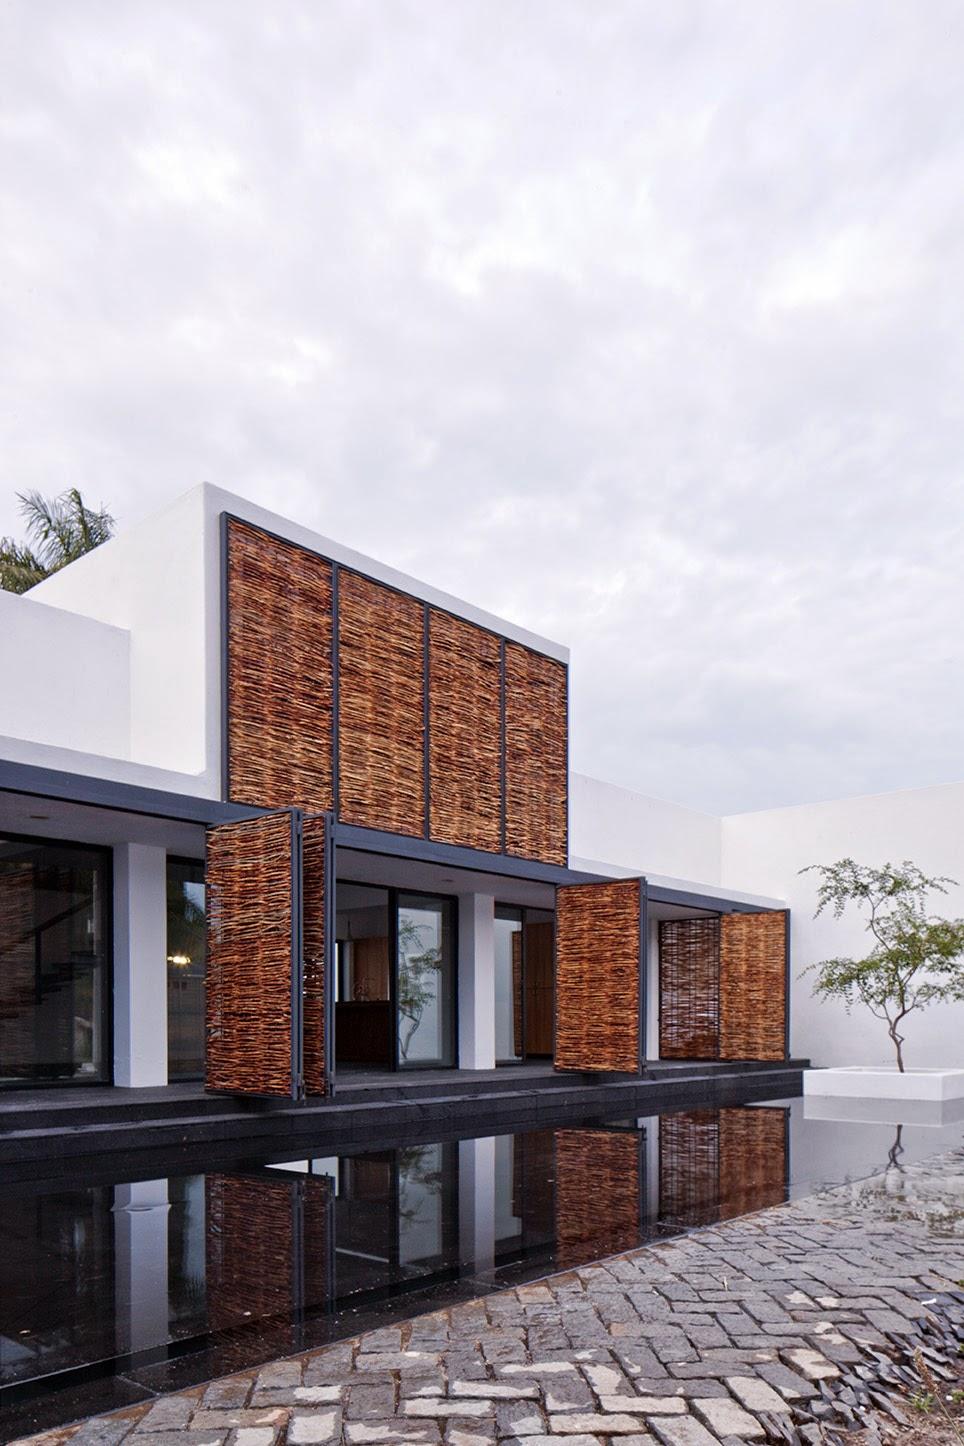 Rumah dengan Perpaduan Lokalitas dan Modernitas